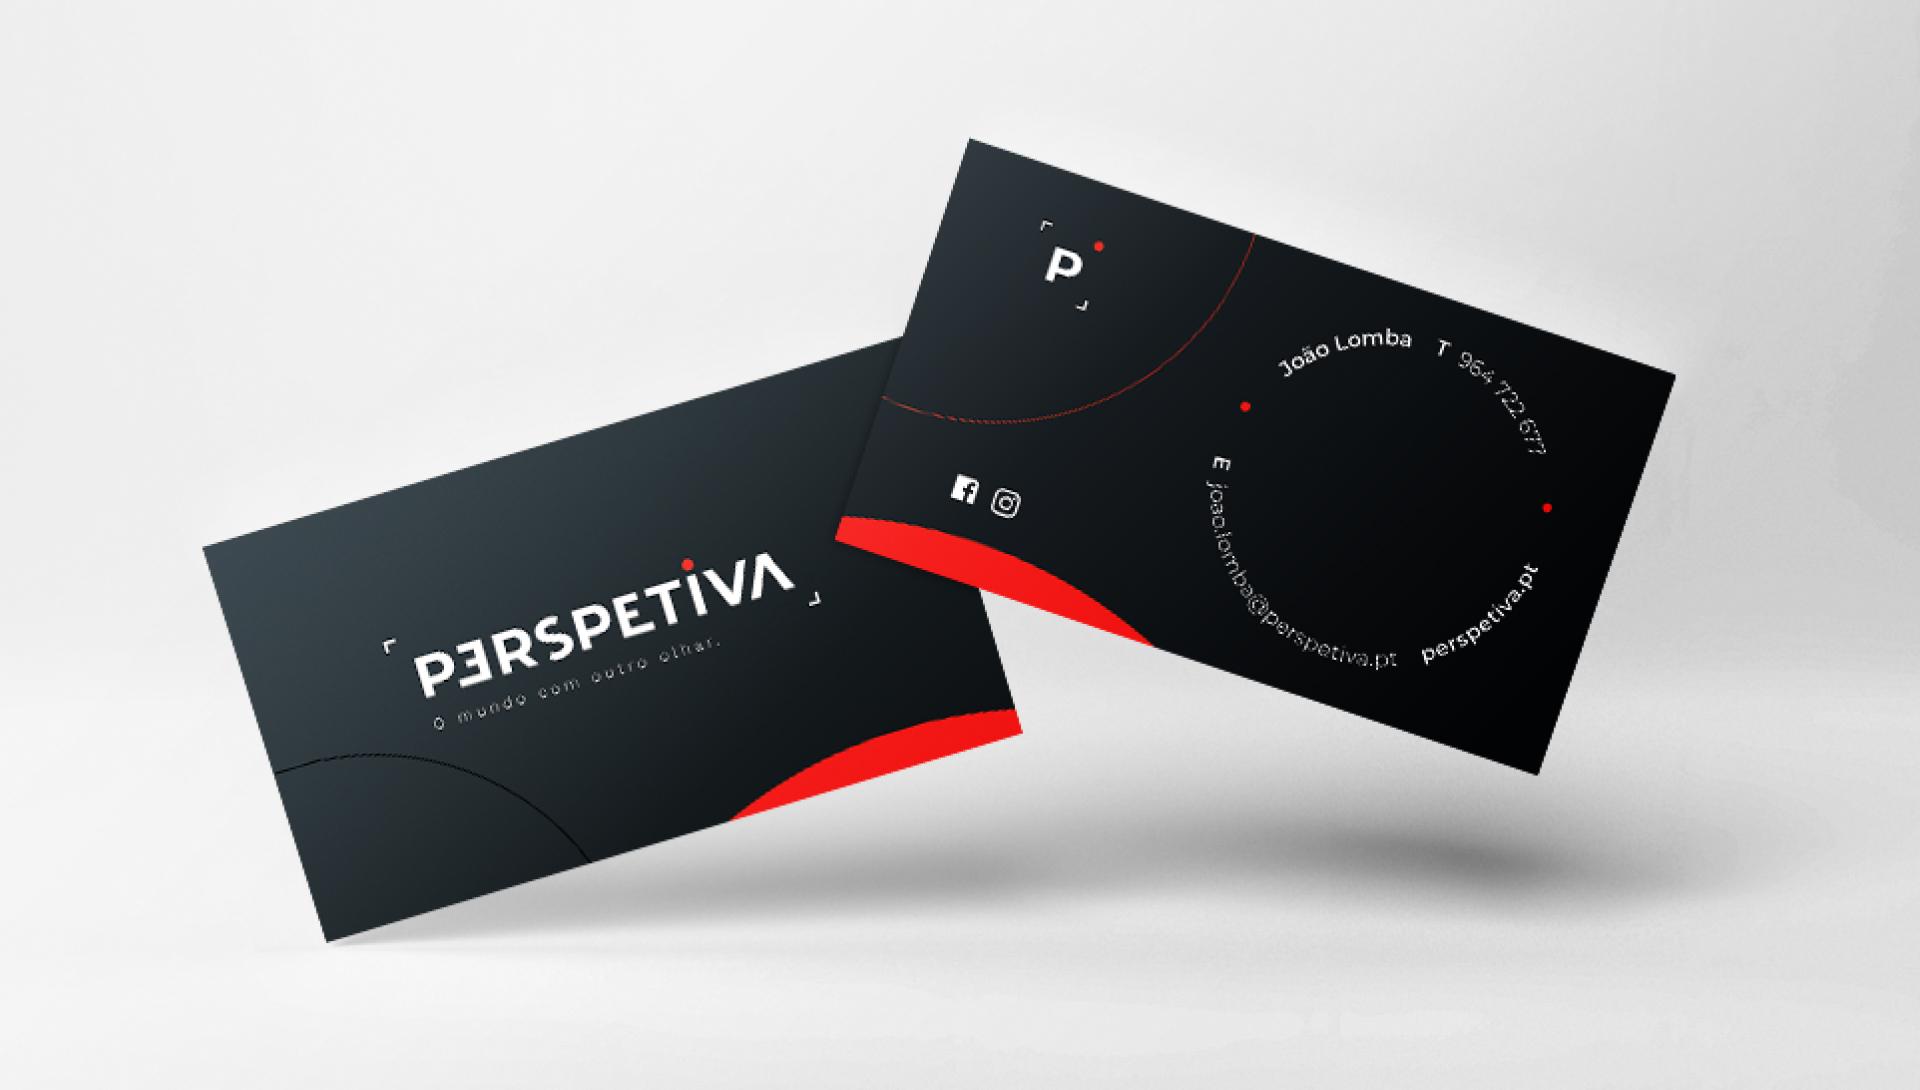 Contactos Perspetiva em cartão de visita